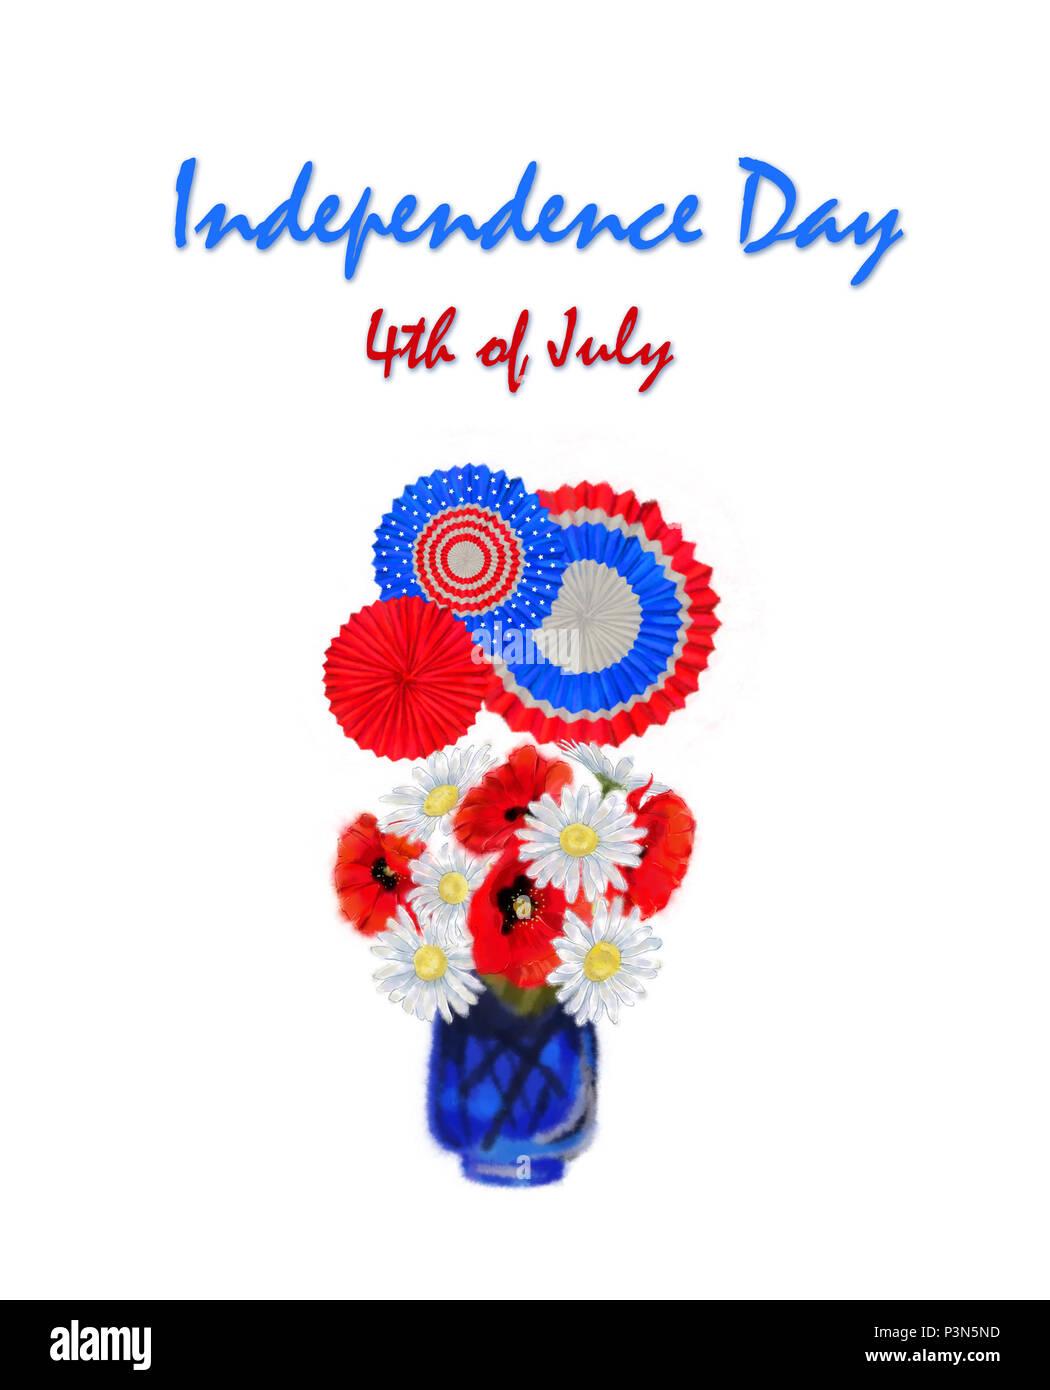 4 de julio de Arreglo Floral con colores patrios Cockades y estrellas. Margarita y amapola Tricolor Bouquet con decoración para el cuarto de julio arte de clip. Imagen De Stock